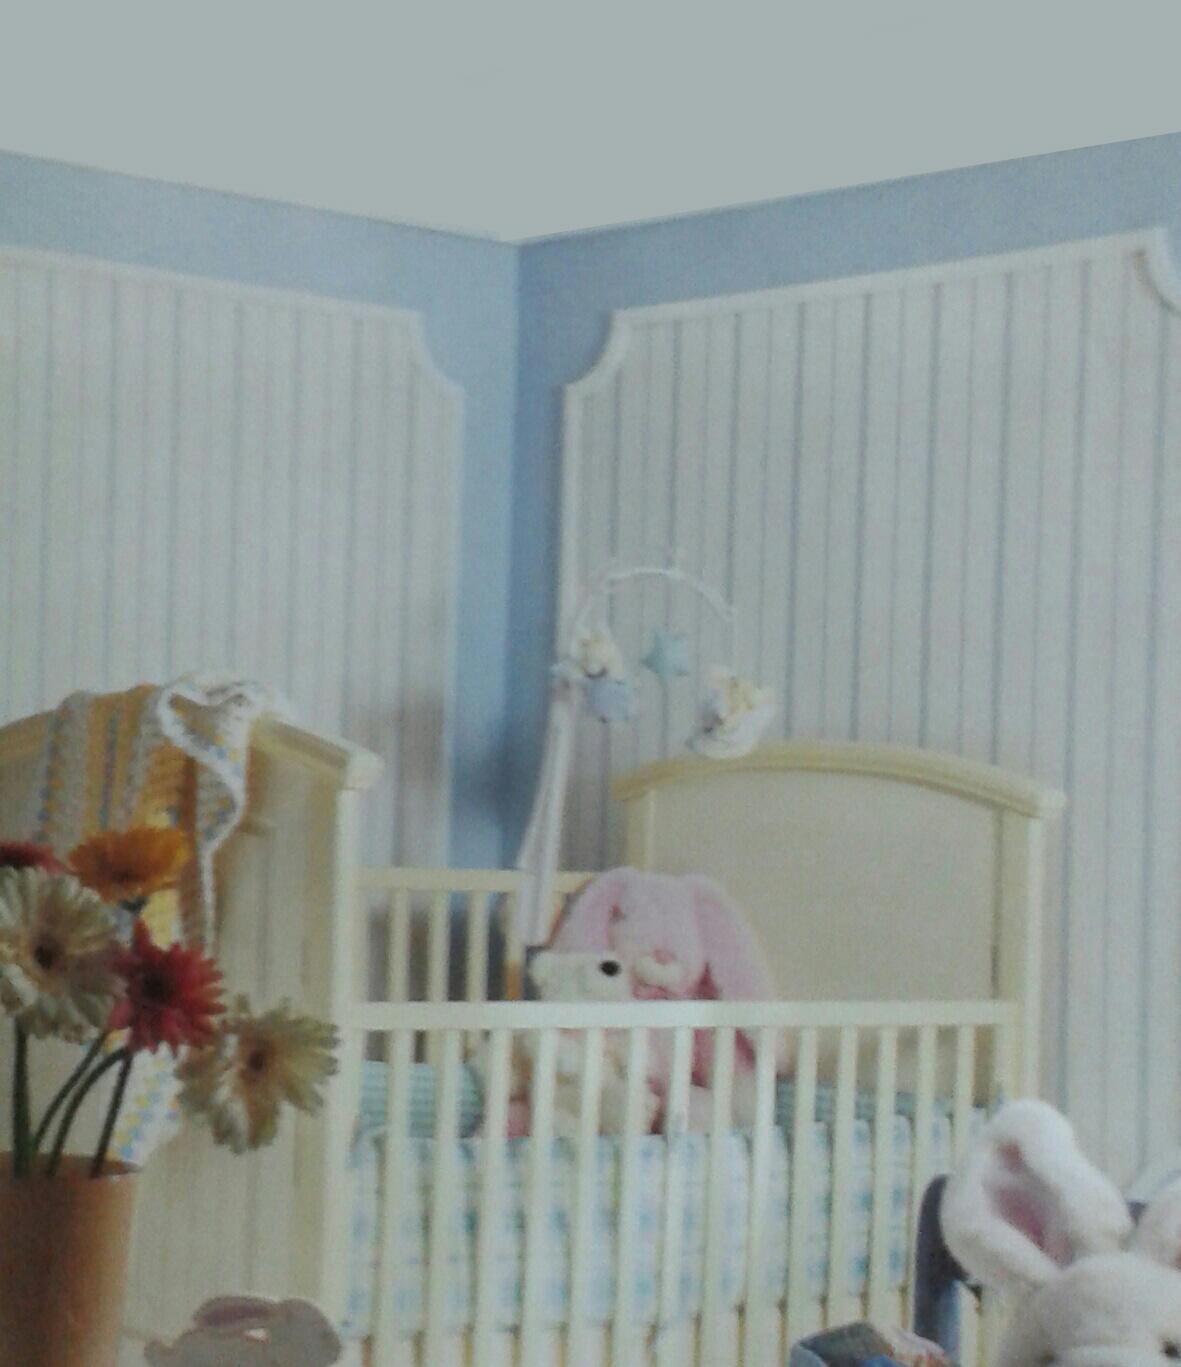 Habitaciones y espacios the wallpaper store blog - Habitaciones de ninos pintadas ...